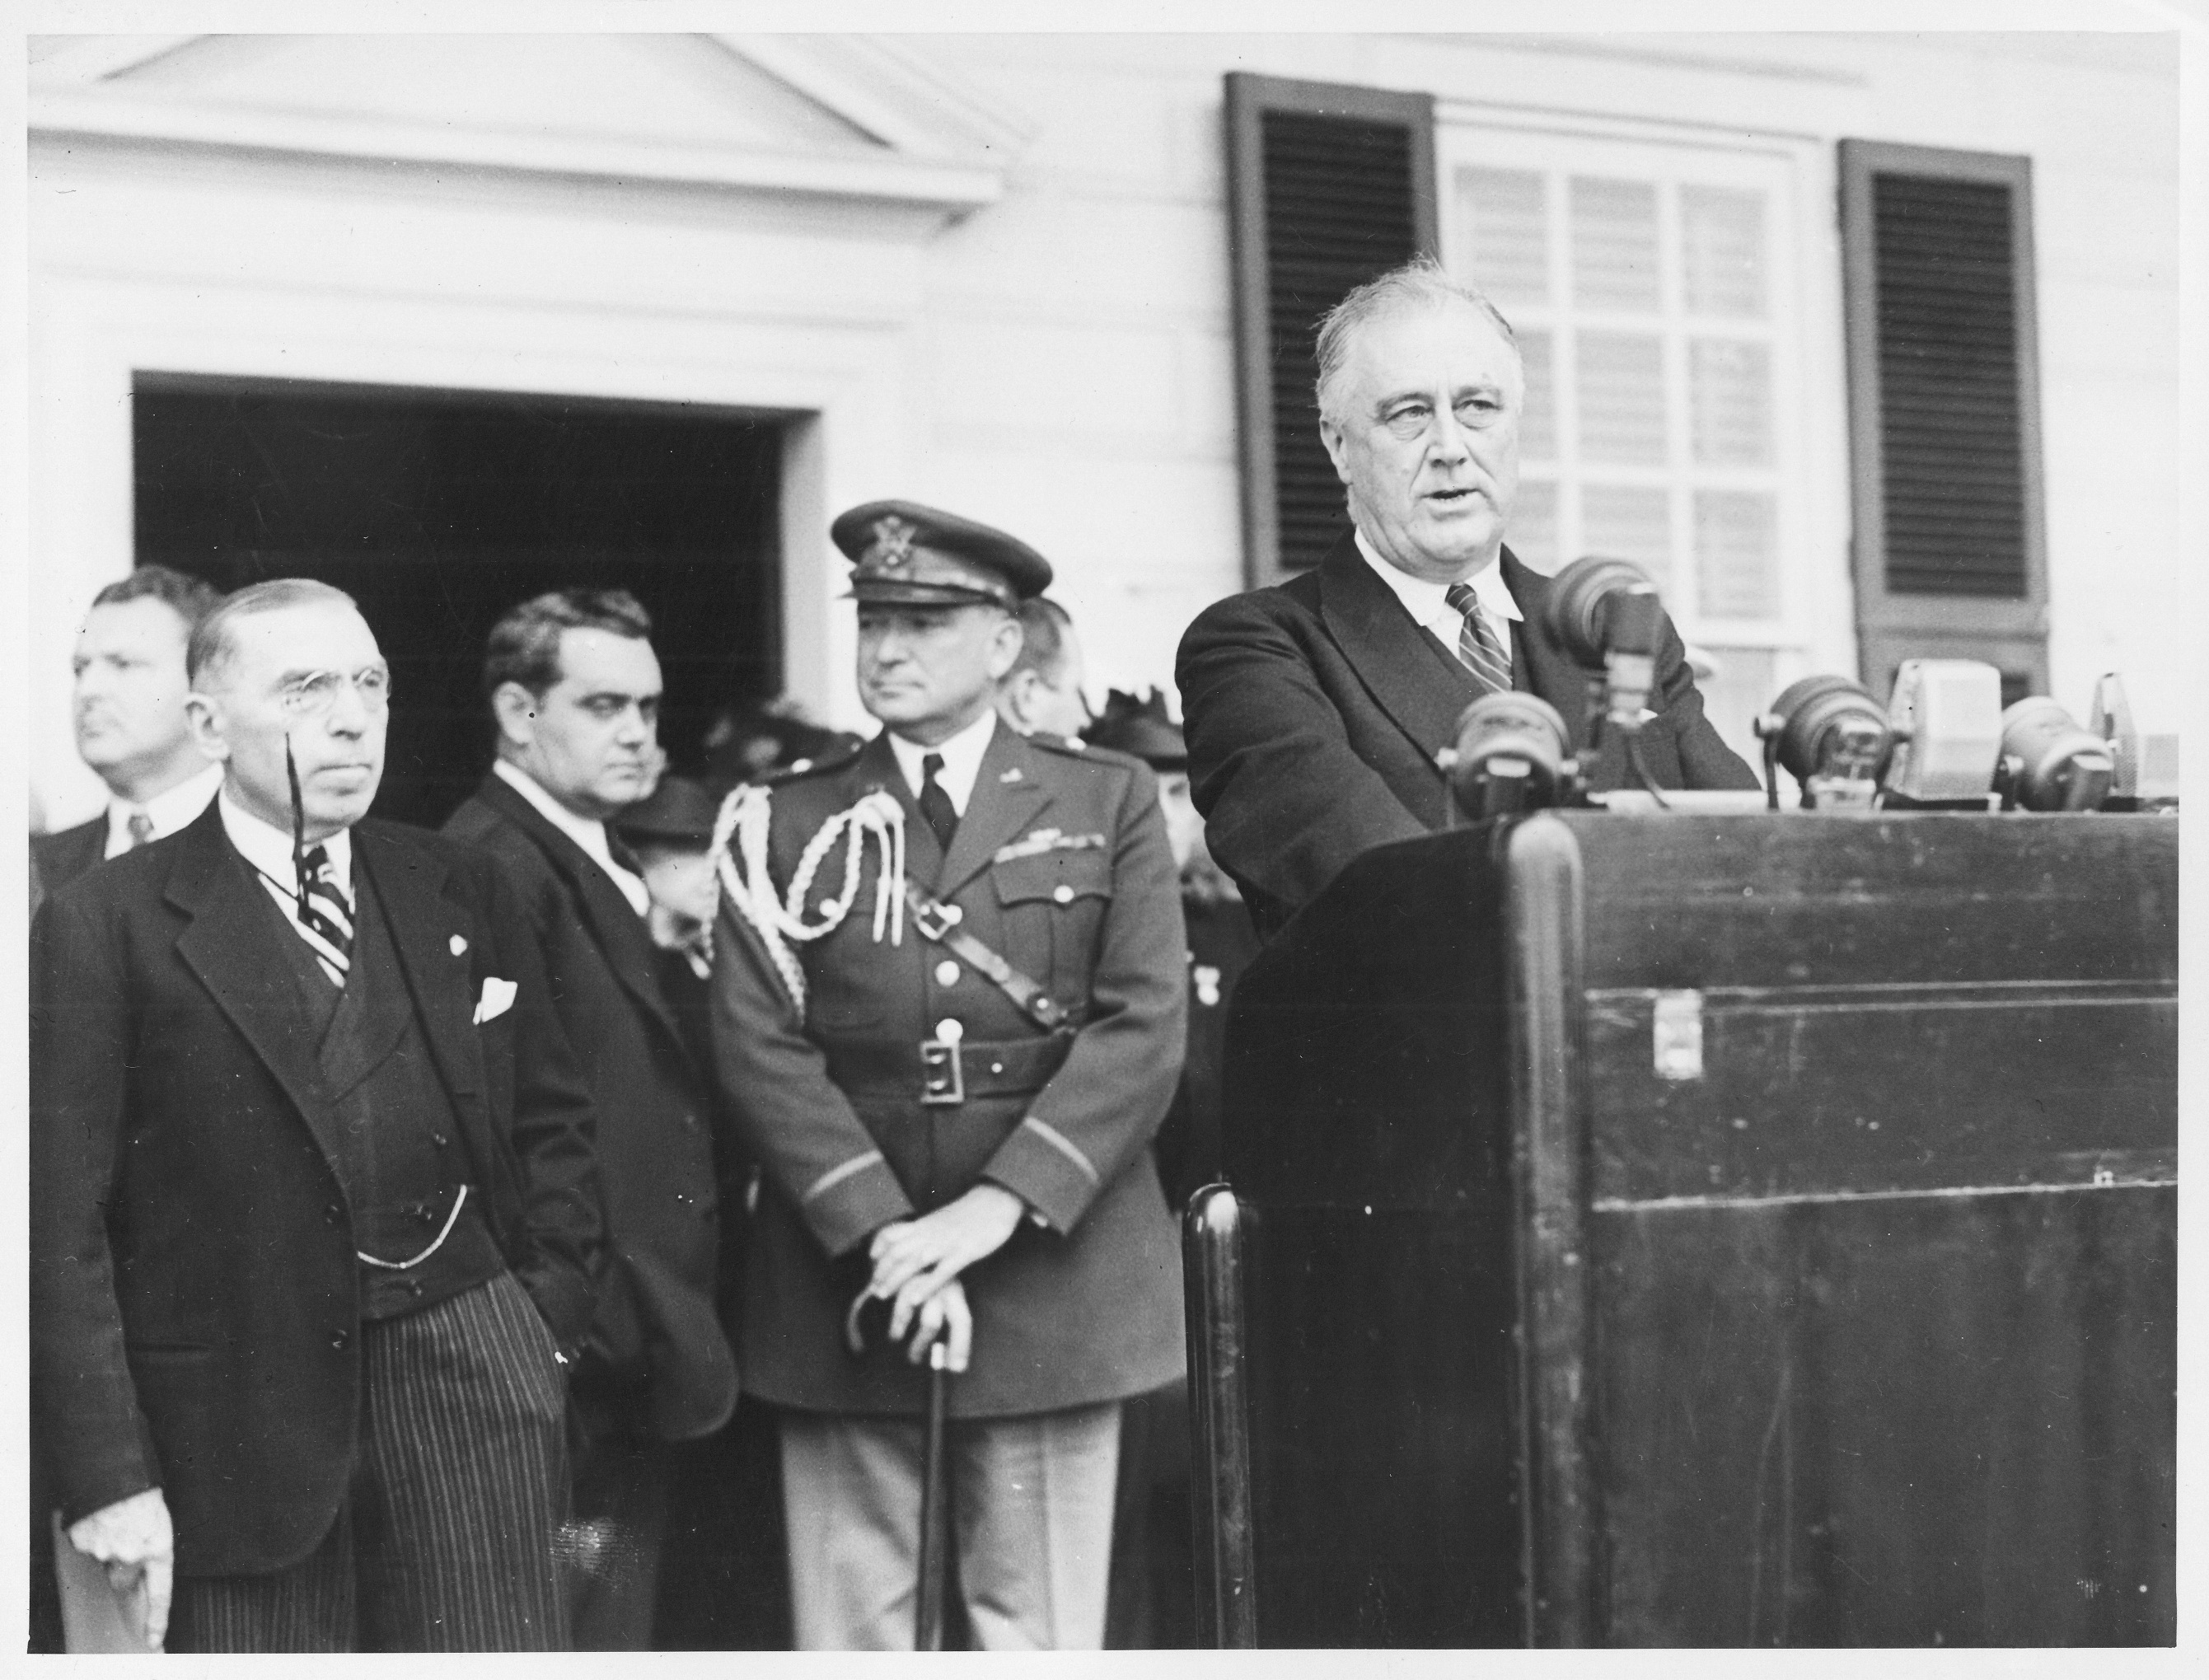 President Franklin D. Roosevelt addresses Mount Vernon on April 14, 1939